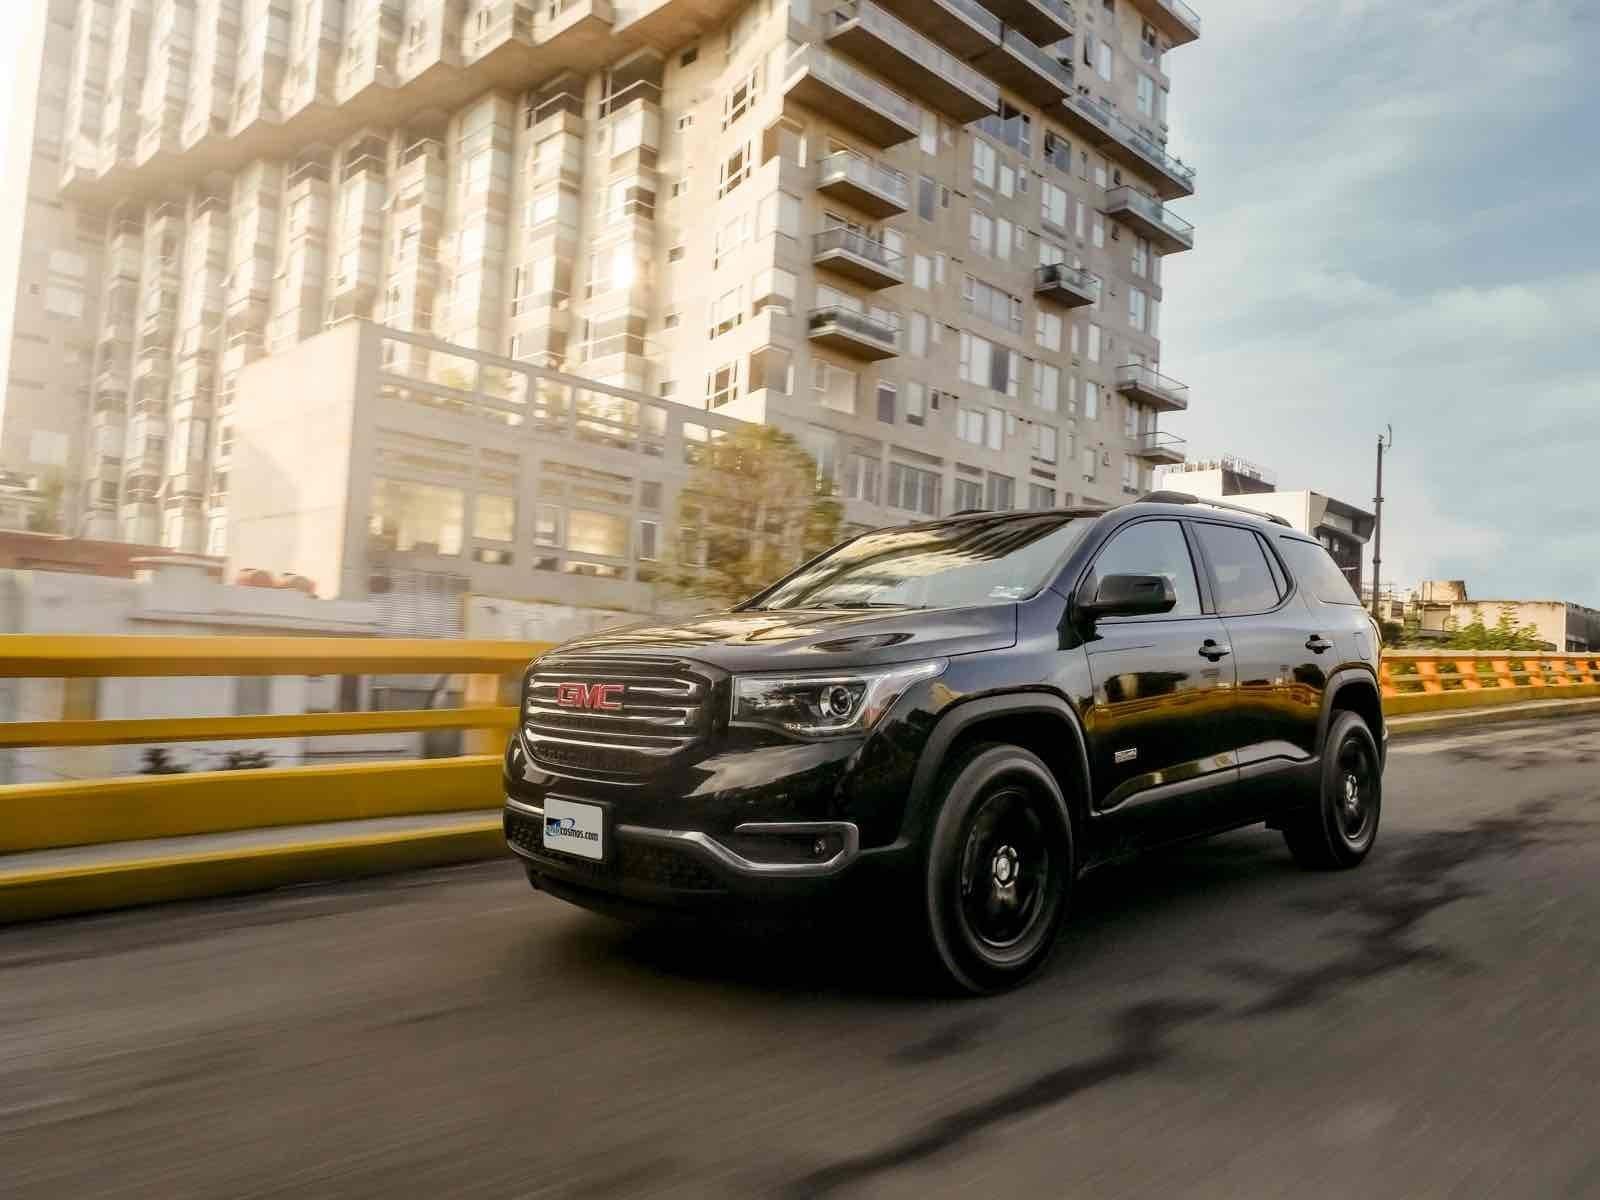 Gmc Acadia All Terrain 2019 Llega A Mxico En 826800 Pesos Accesorios Para Camionetas